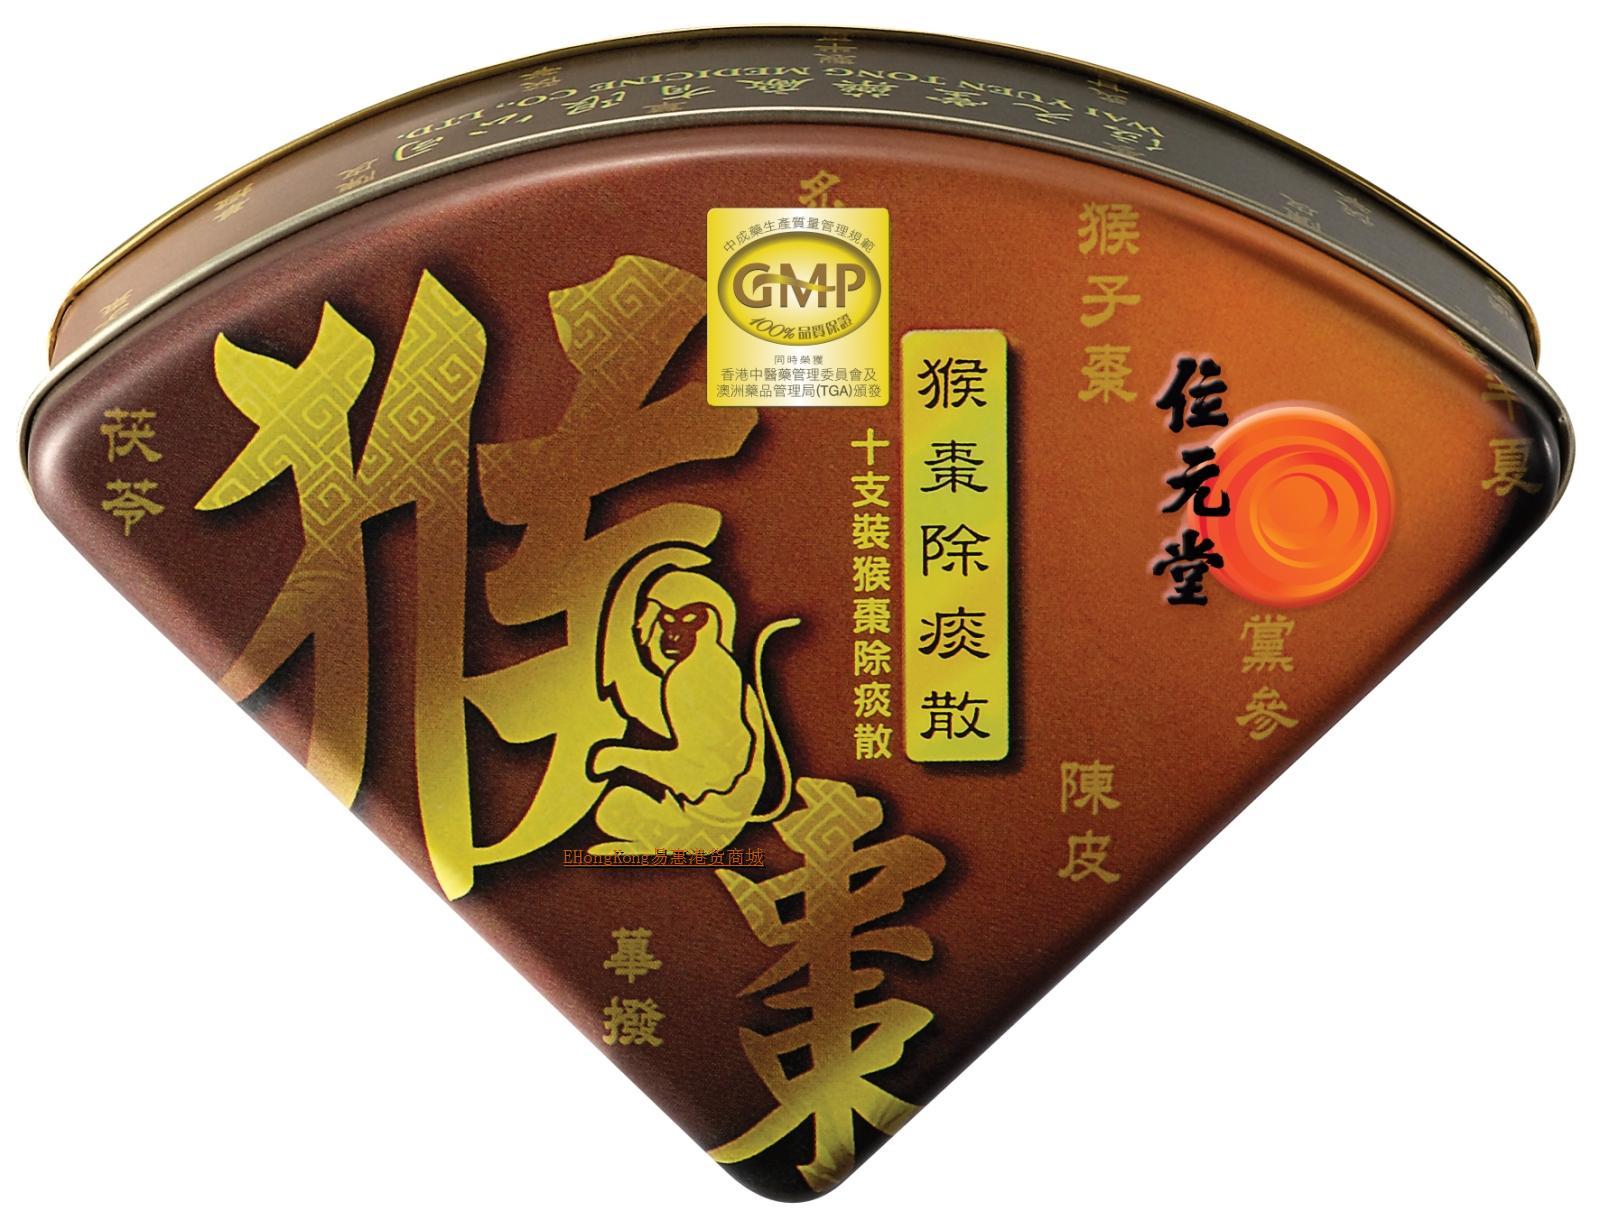 现货原装 香港位元堂猴枣散 除痰散 感冒发烧痰